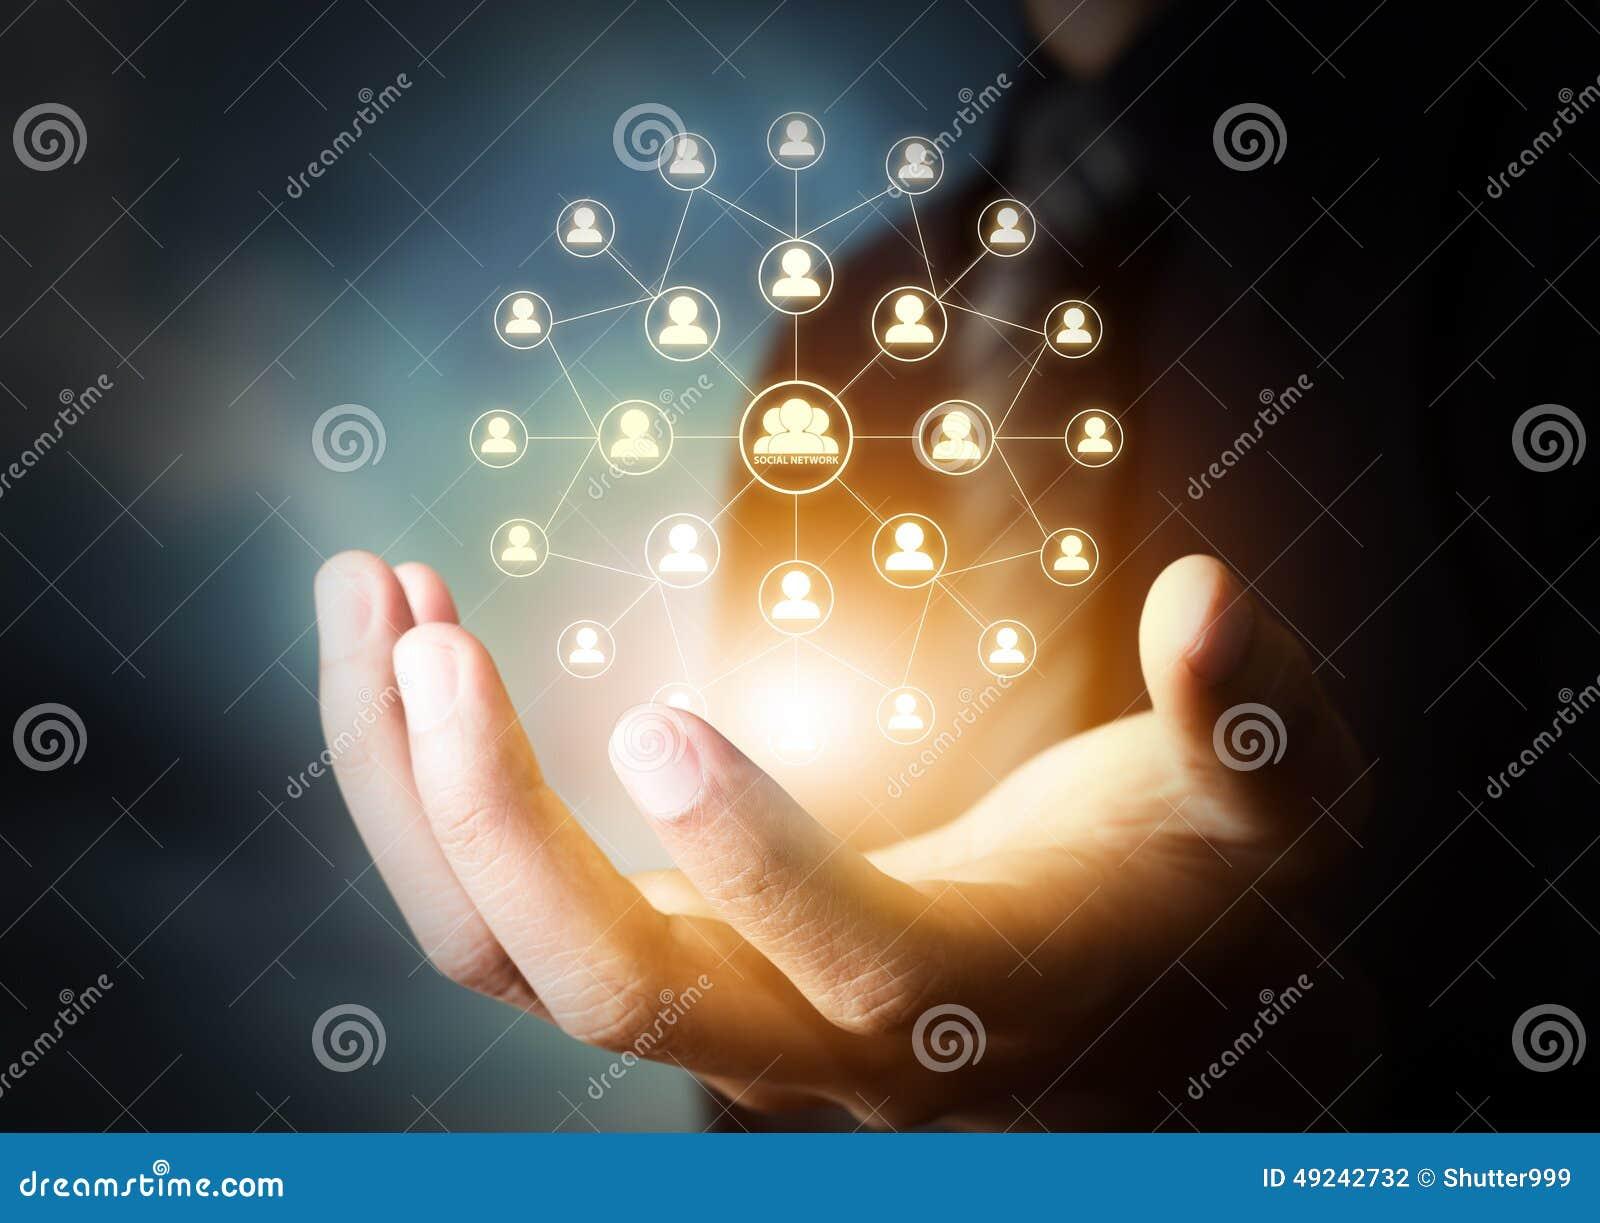 Mano que lleva a cabo el icono virtual de la red social